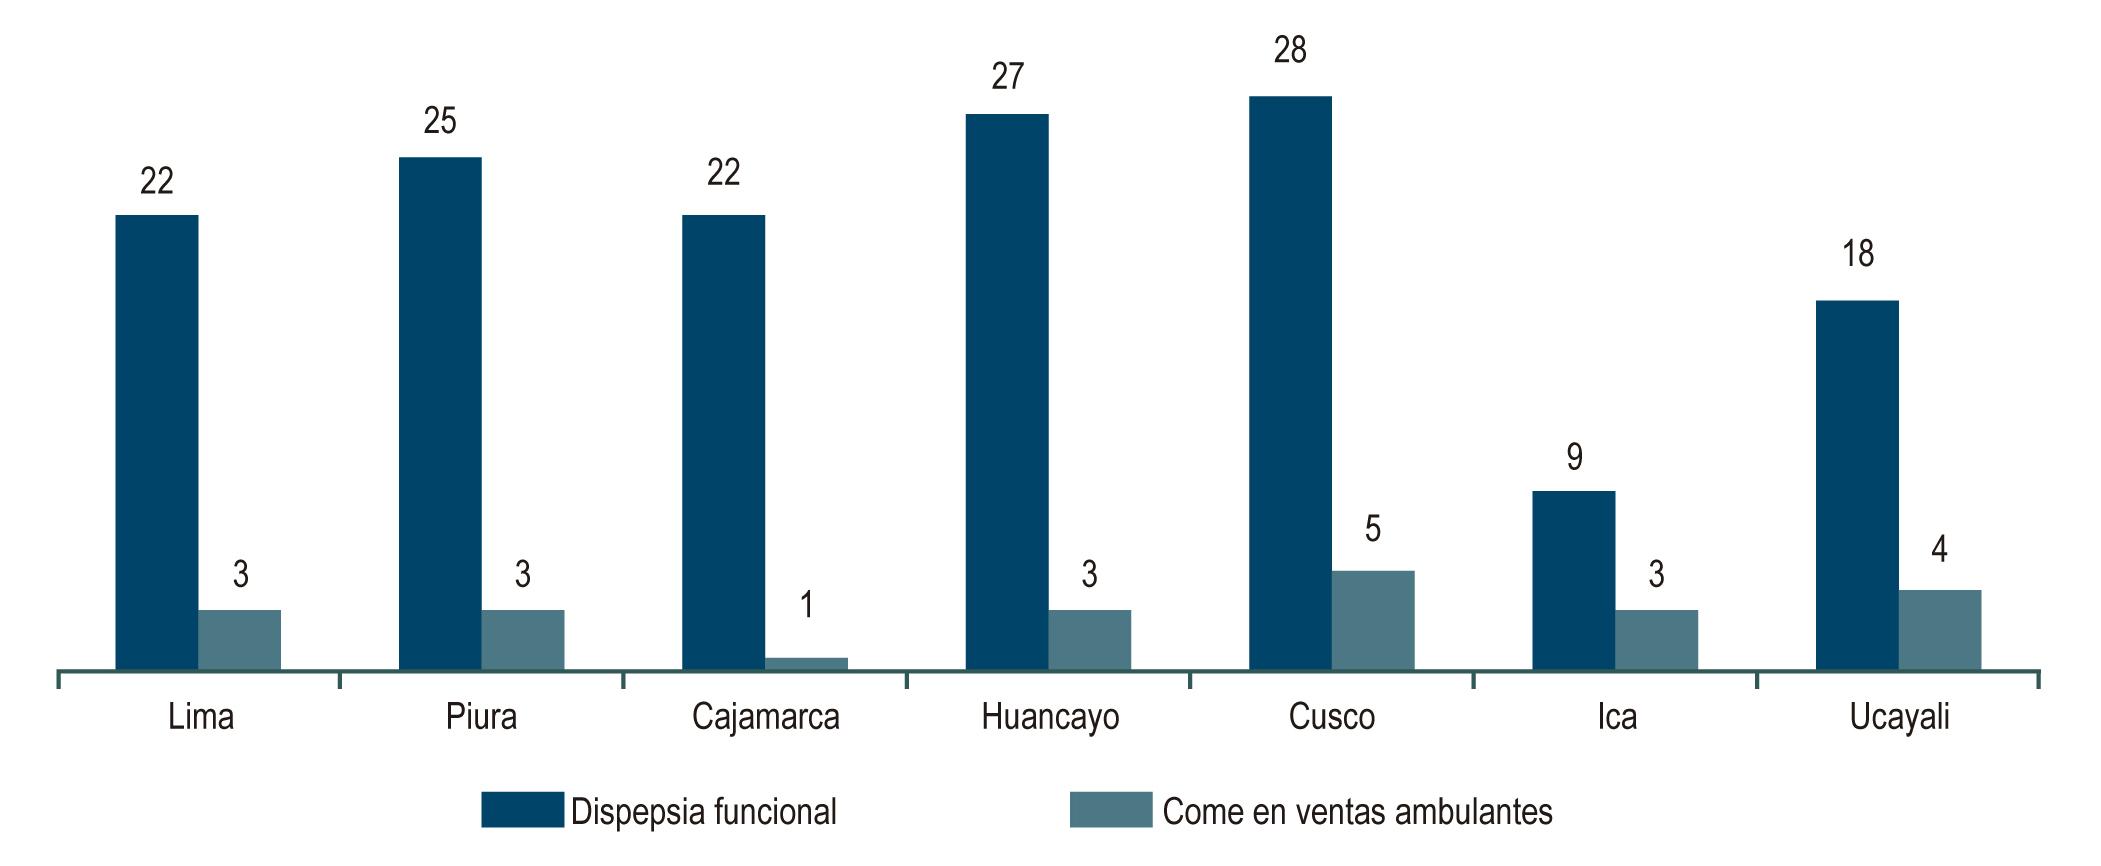 Figura 1. Porcentaje de dispepsia funcional y consumo de alimentos en sitios de ventas ambulantes en estudiantes de medicina de siete departamentos del Perú.